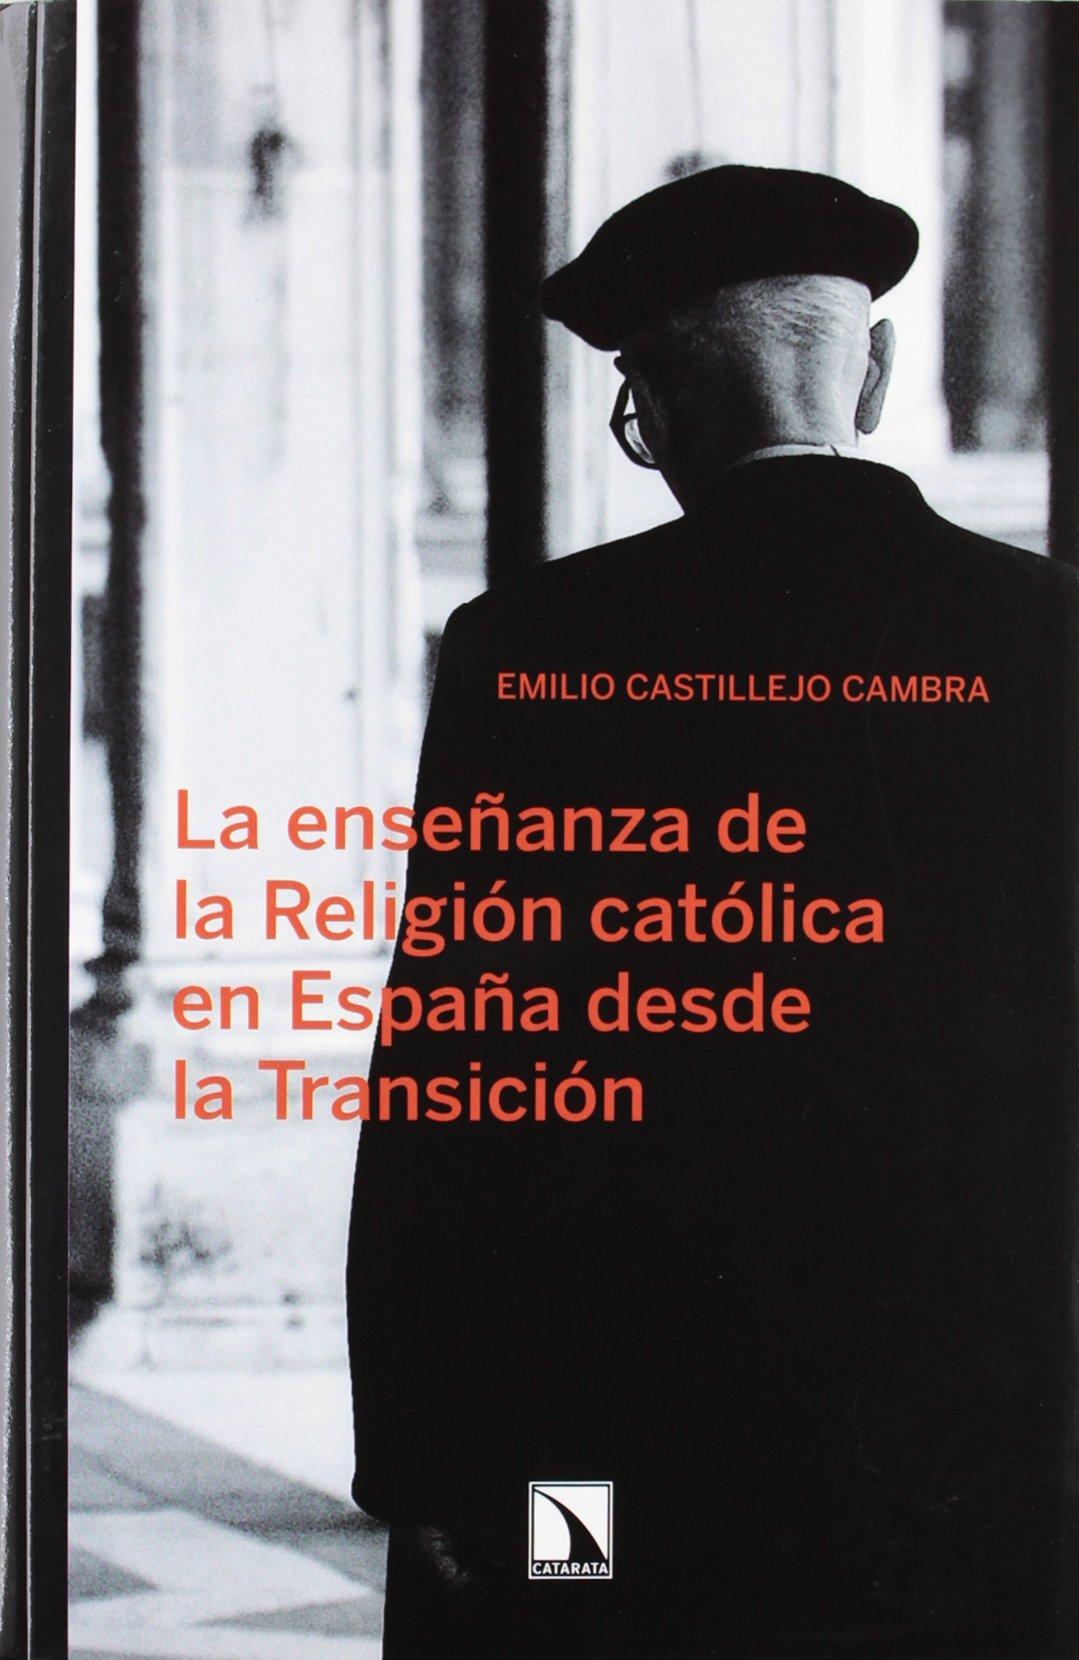 La Enseñanza De La Religión Católica En España Desde La Transición COLECCION MAYOR: Amazon.es: Emilio Castillejo Cambra: Libros